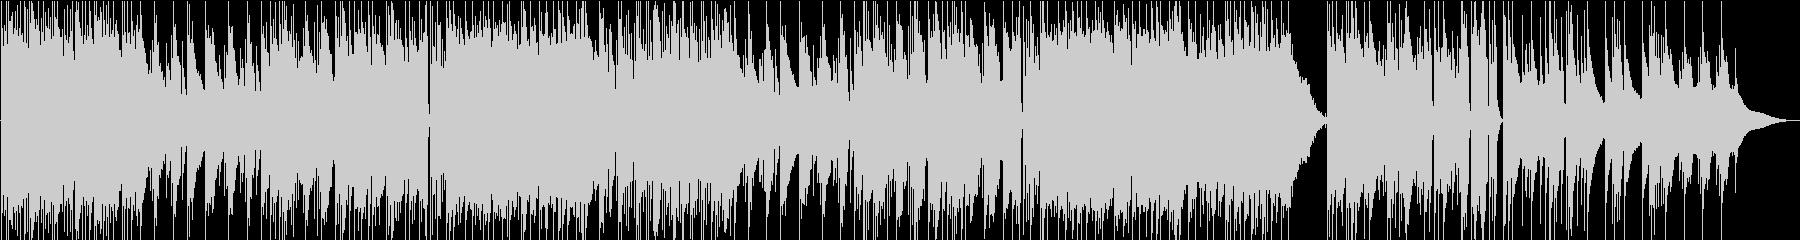 しっとり切ないエレピの美しいBGMの未再生の波形